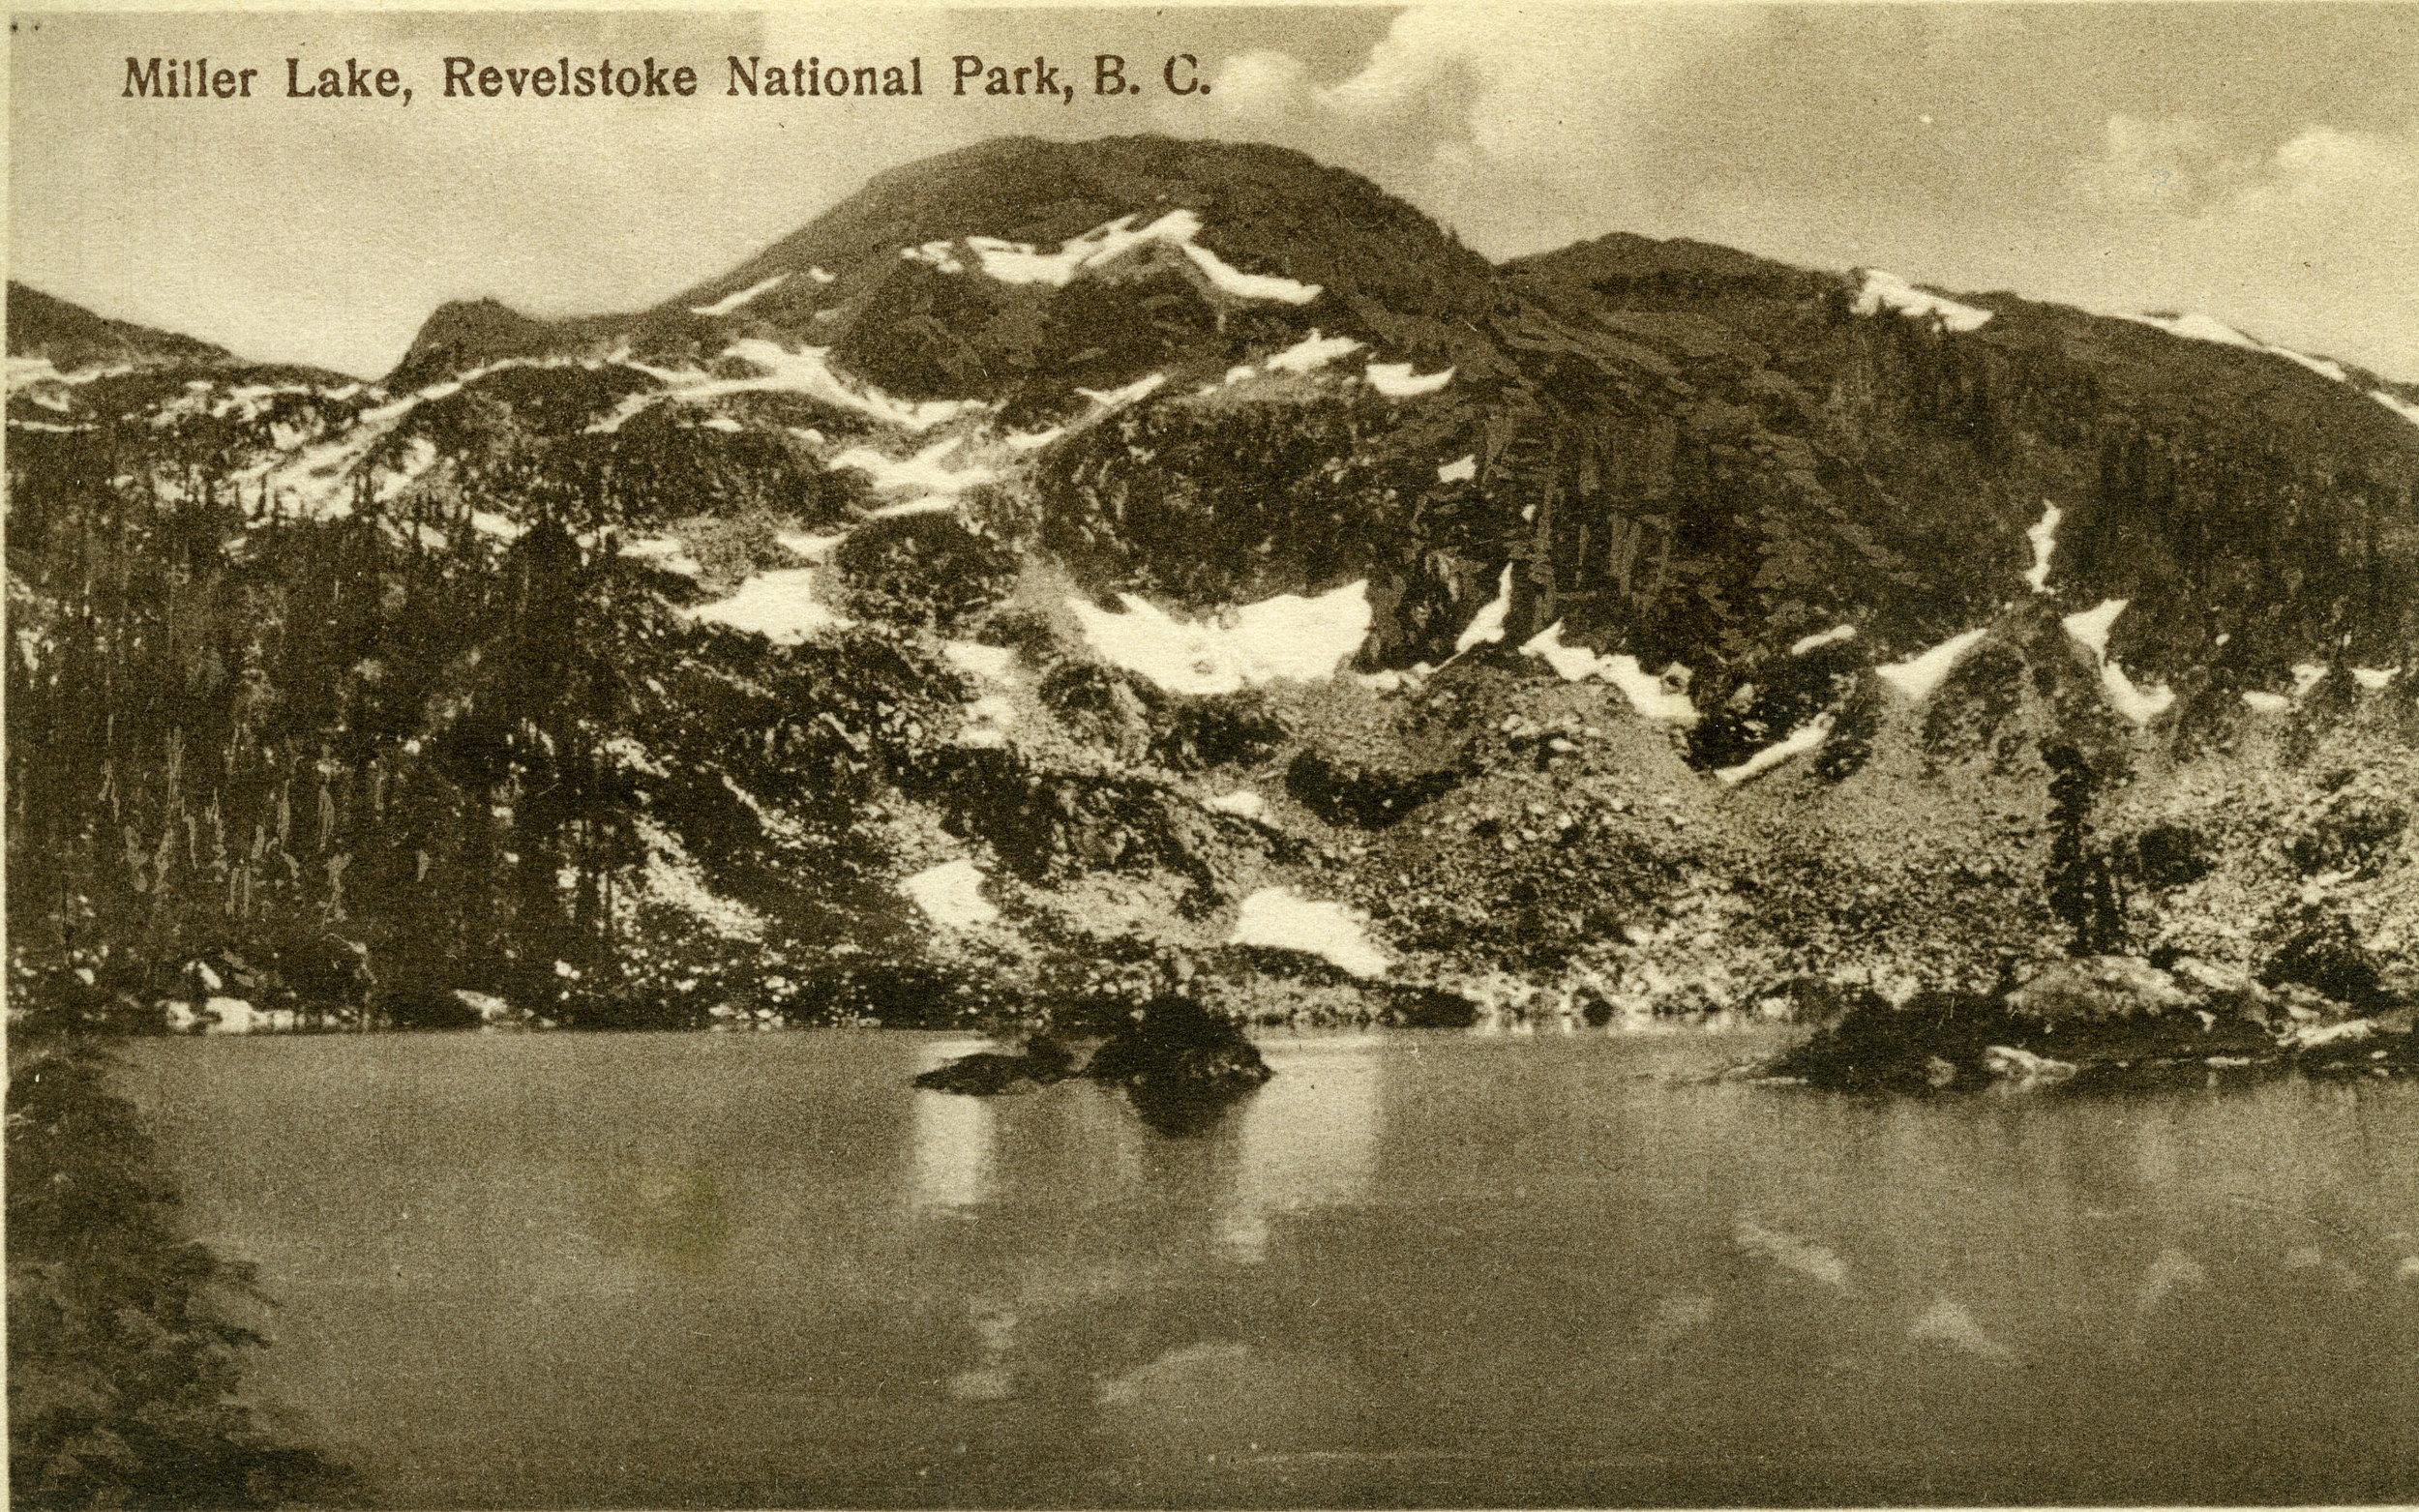 Miller Lake, Revelstoke National Park, c.1915